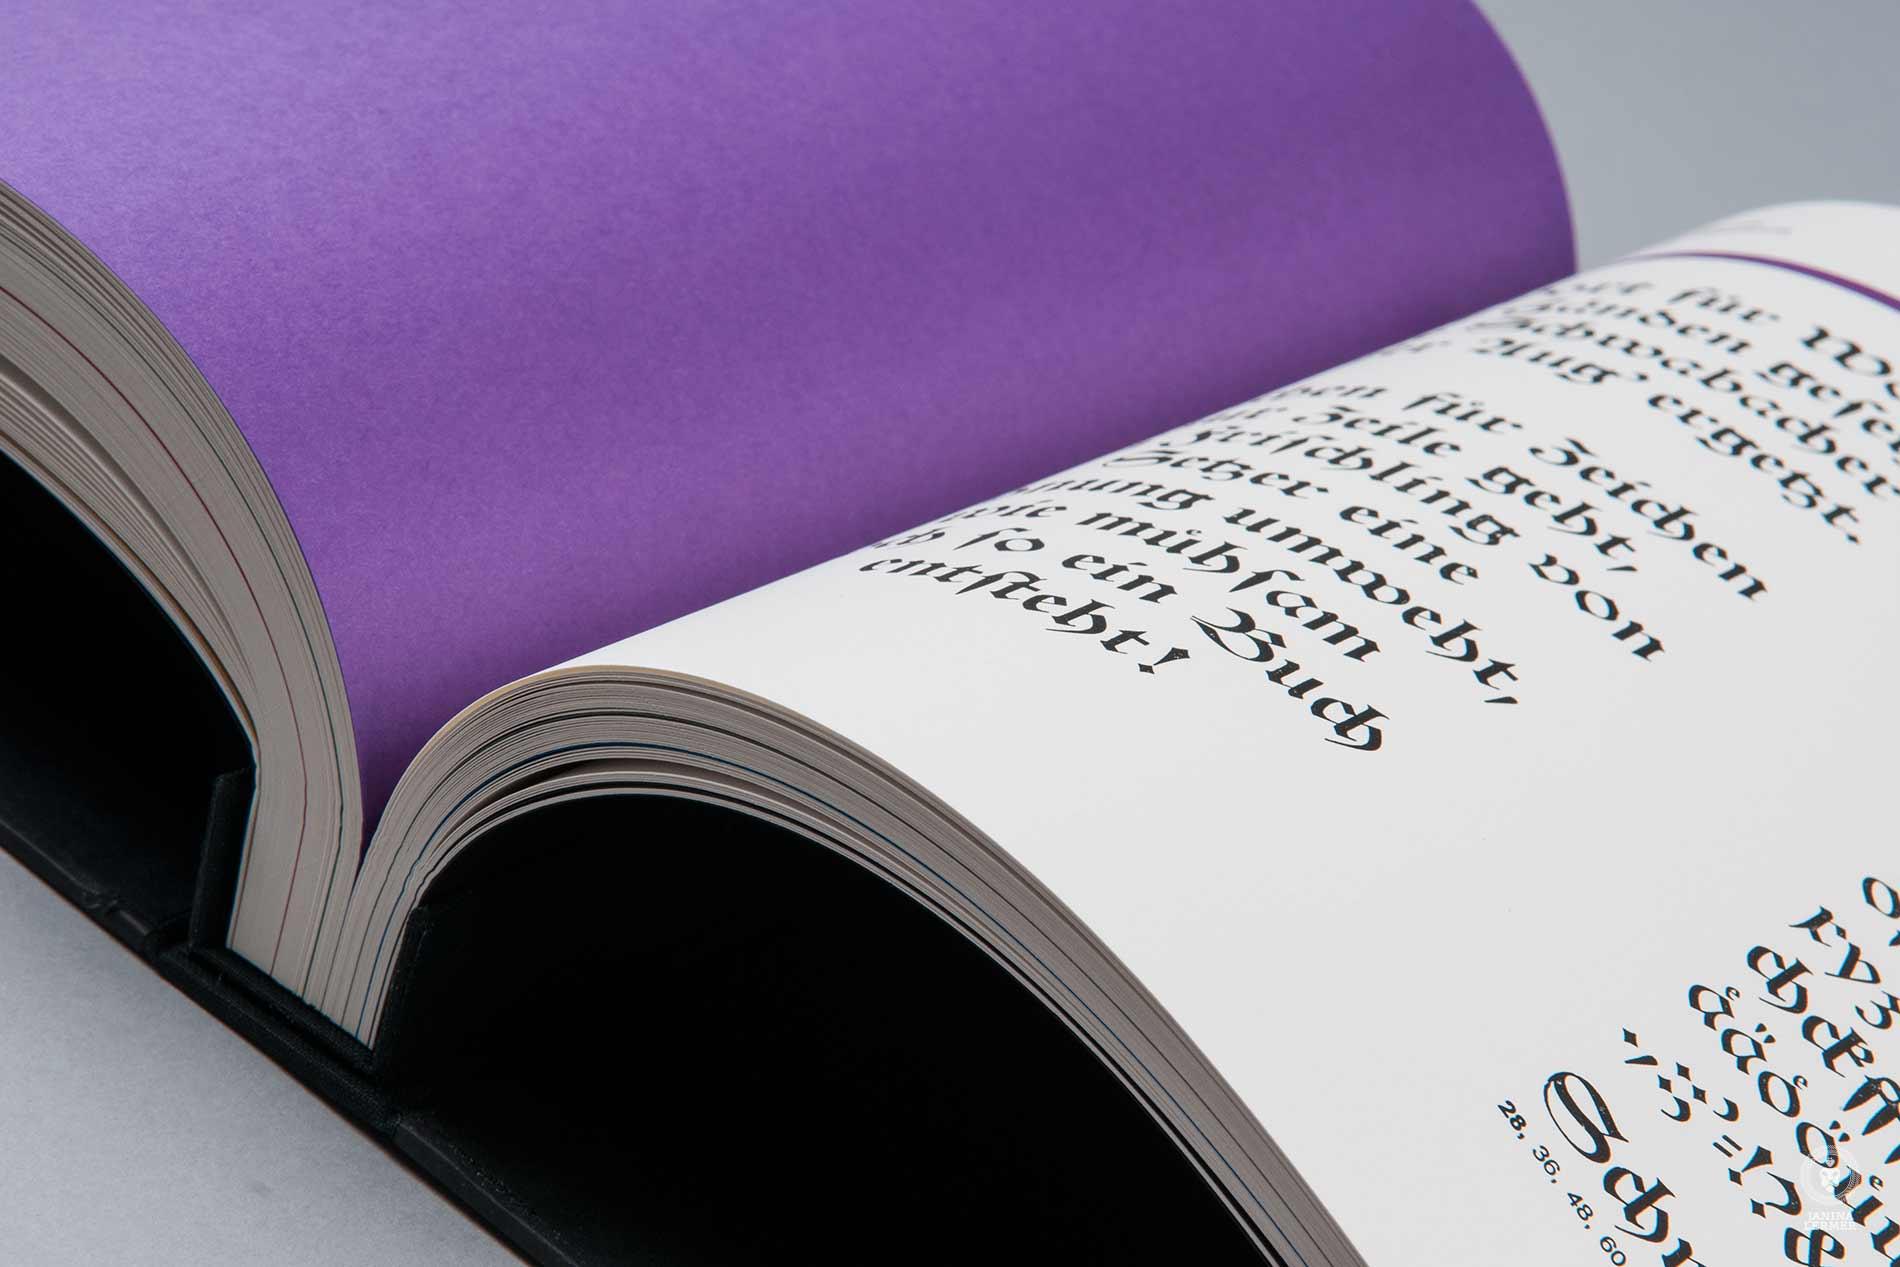 Janina-Lermer-Buchgestaltung-Magazingestaltung-Editorialdesign-Bleisatz-Metaltype-Gebrochene-Schriften-Schwabacher-Handgedruckt-Handprinted-Werkstatt-Fliegenkopf_01